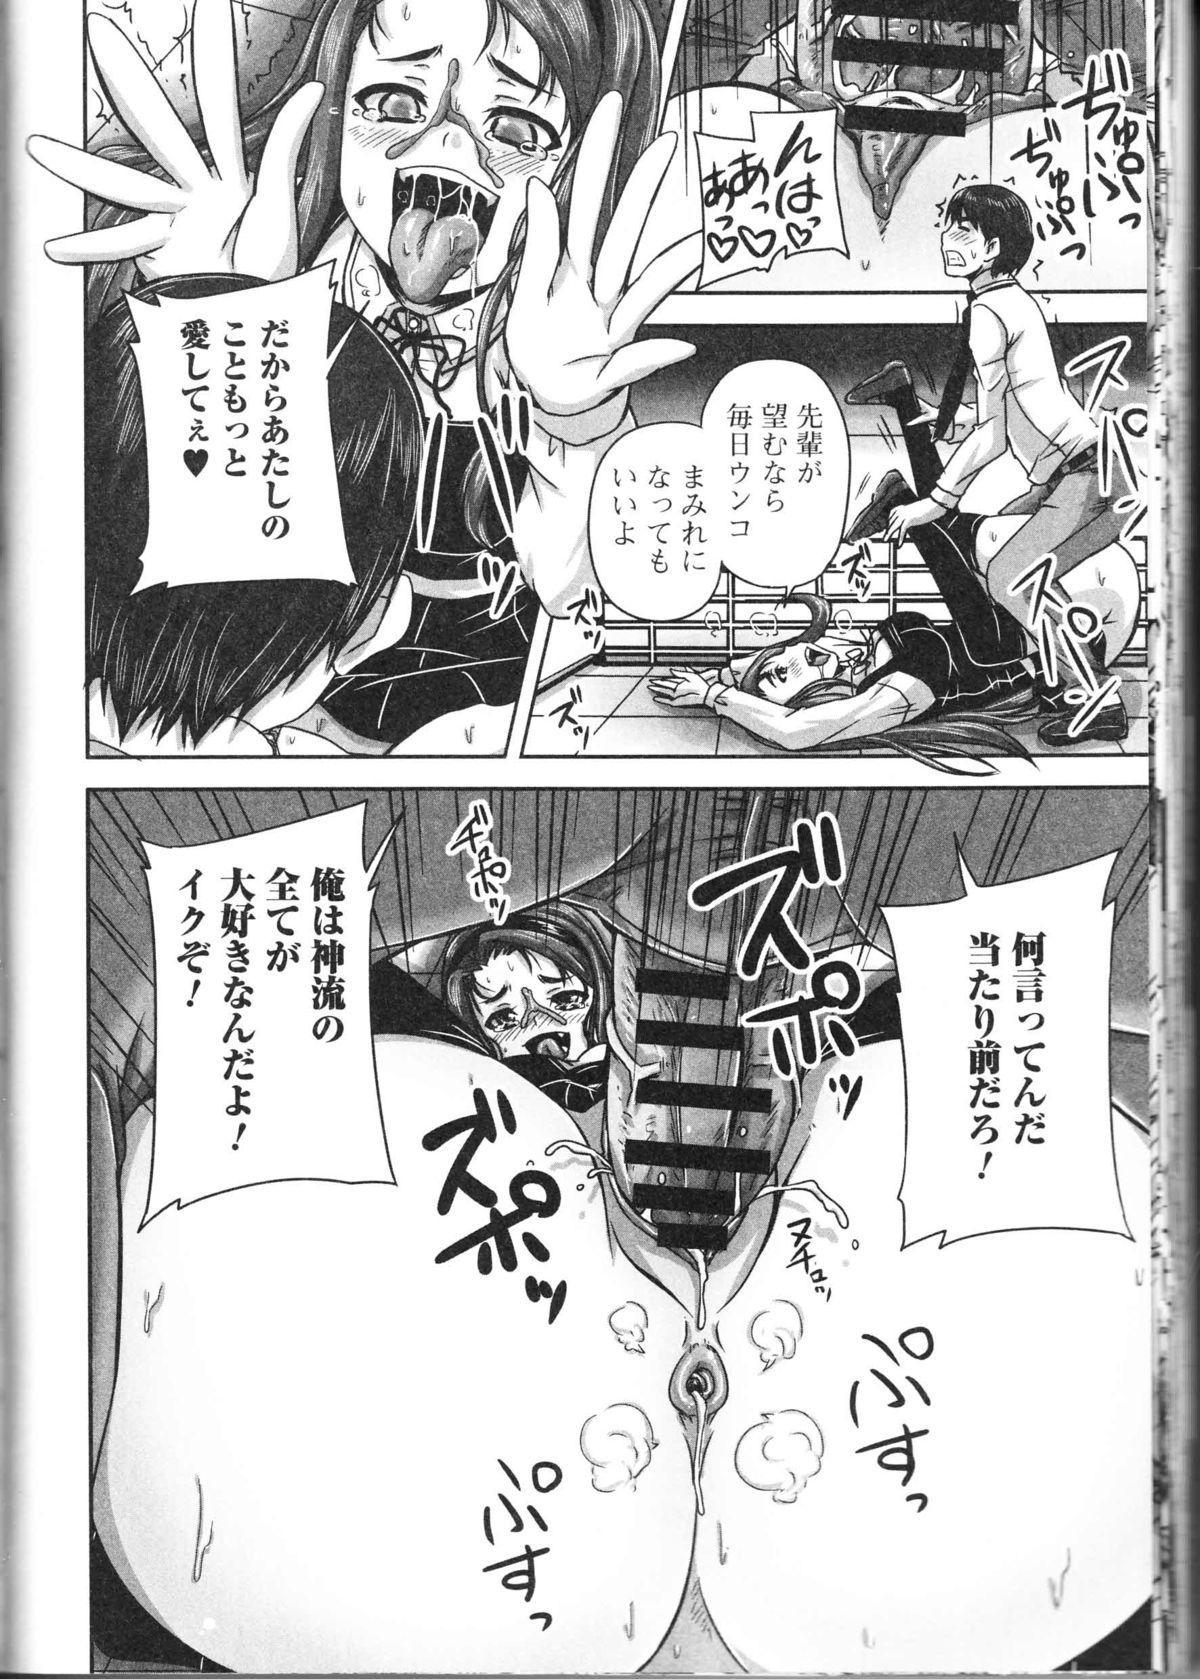 Tsuntsun Ojousama no Geboku ni Natte Shimatta Ore wa Ch. 1-2 38